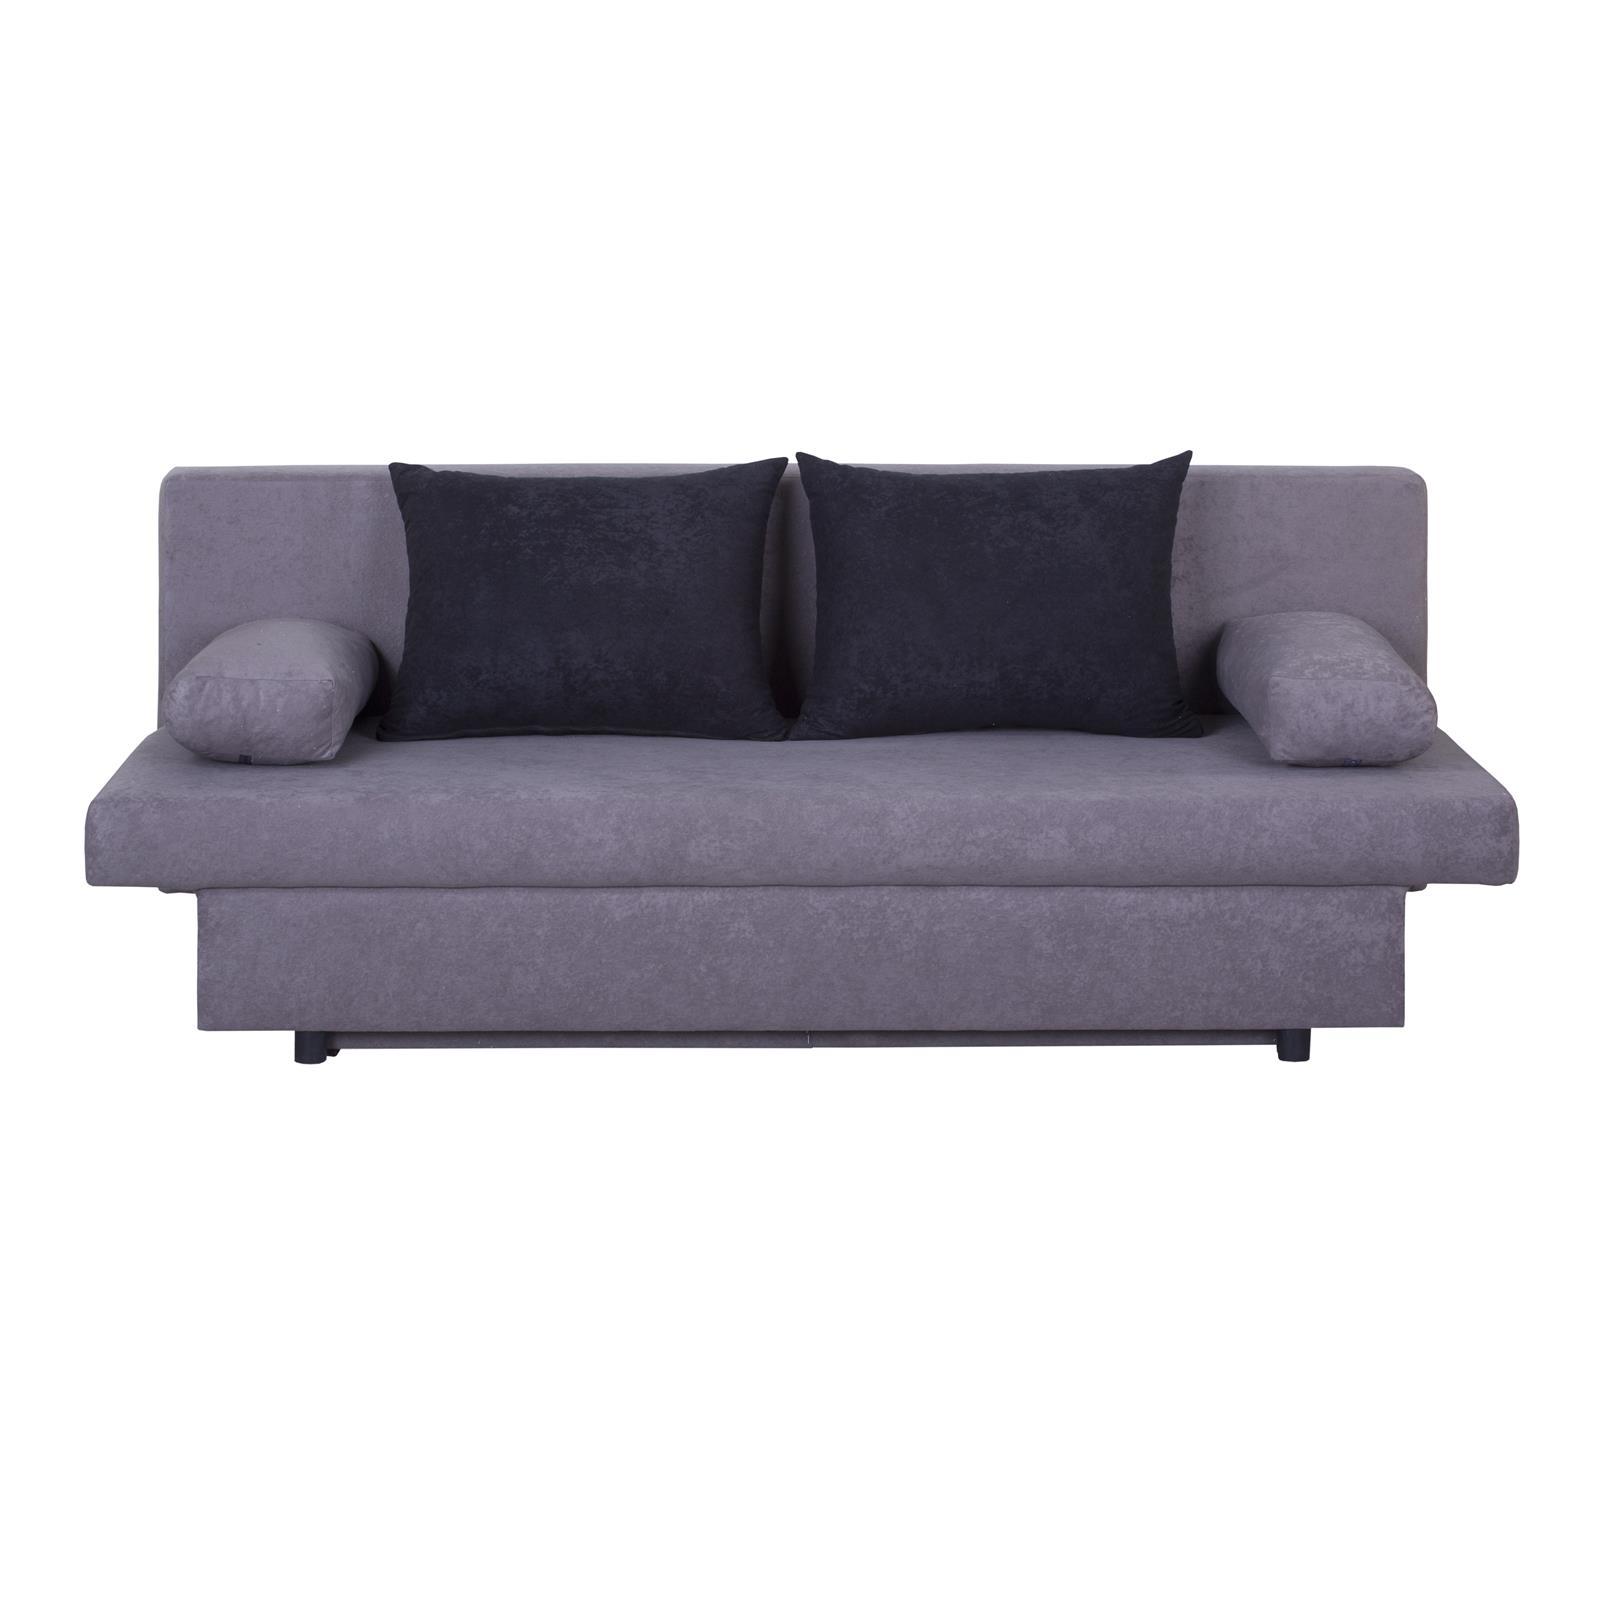 Kleines Sofa Mit Schlaffunktion Sessel Ecksofa Mit Schlaffunktion Sectional Sofas And Sleeper